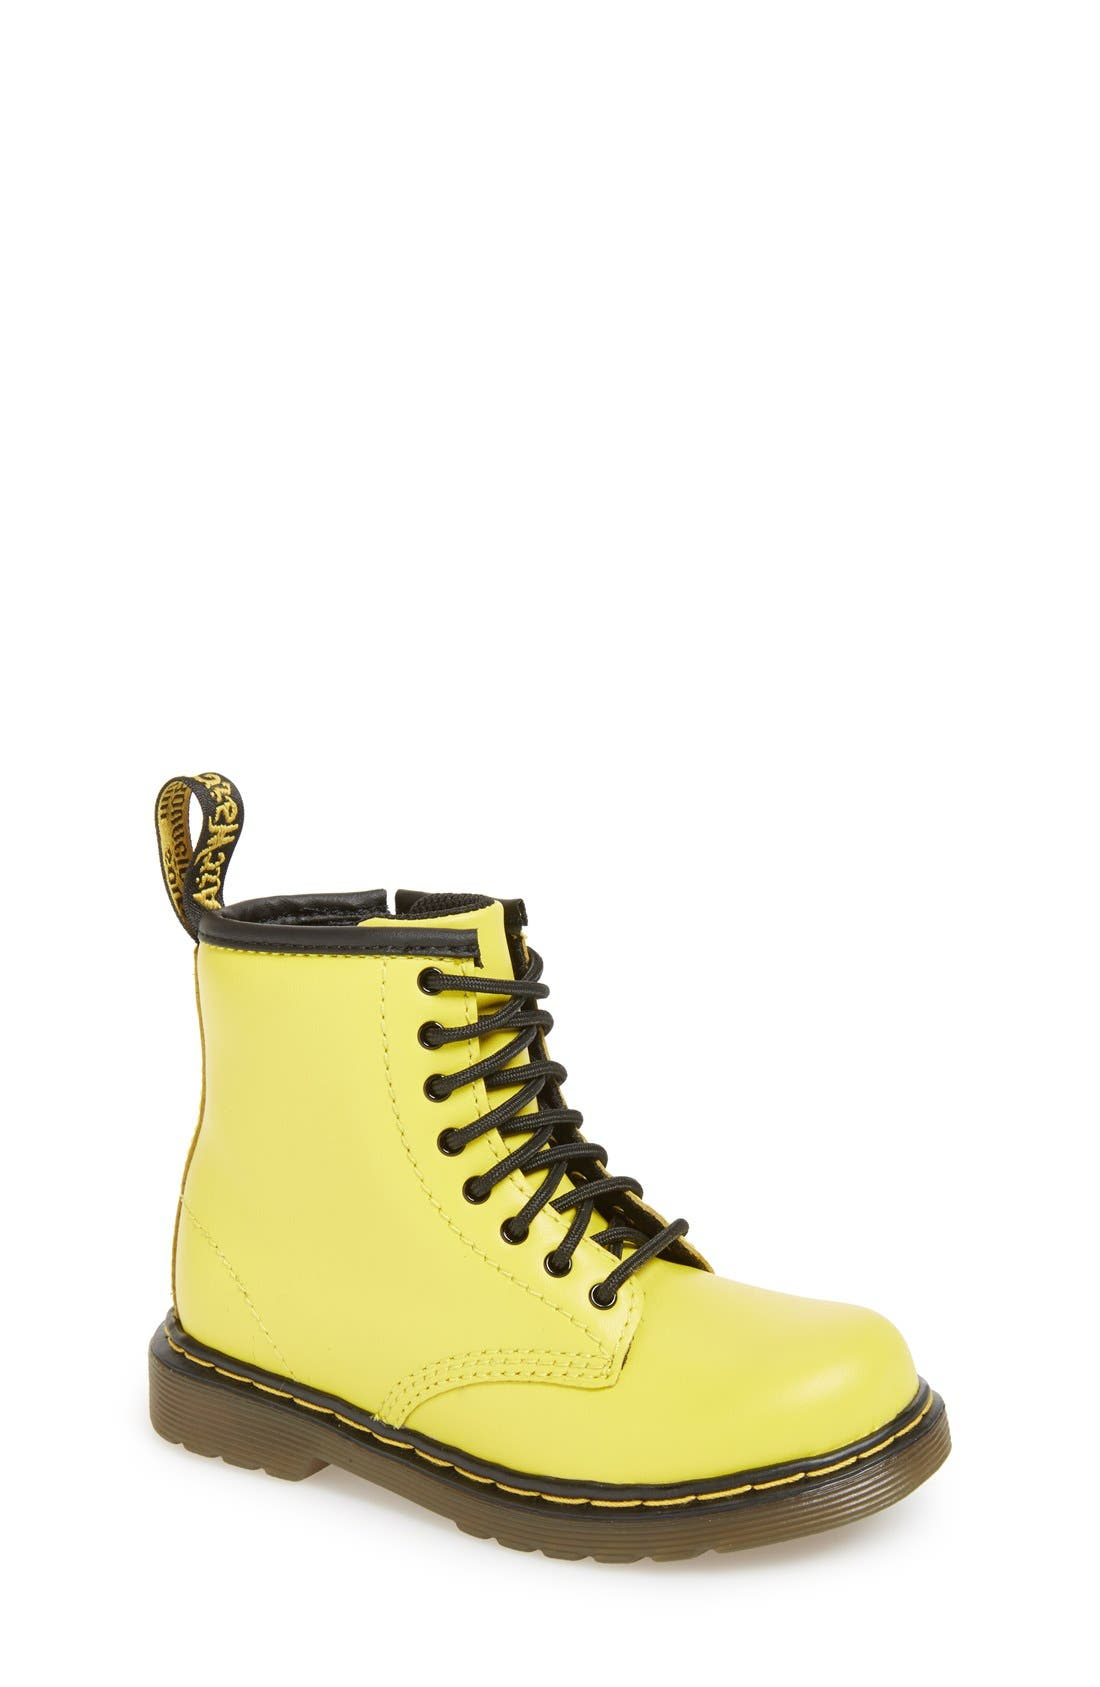 Alternate Image 1 Selected - Dr. Martens 'Brooklee' Leather Boot (Walker & Toddler)